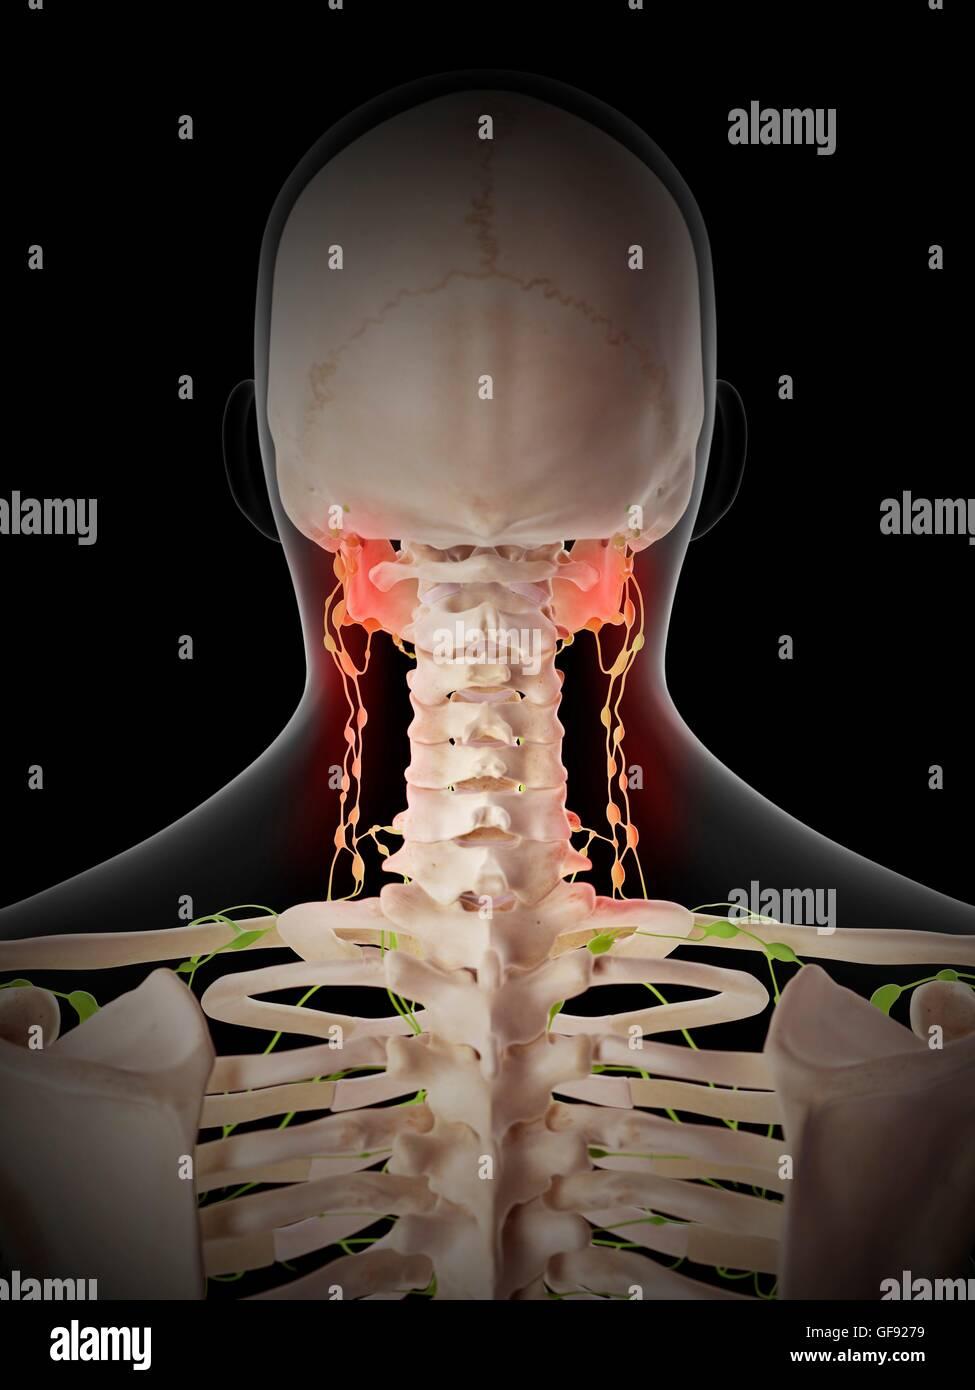 Lymph Nodes Head Neck Stockfotos & Lymph Nodes Head Neck Bilder - Alamy